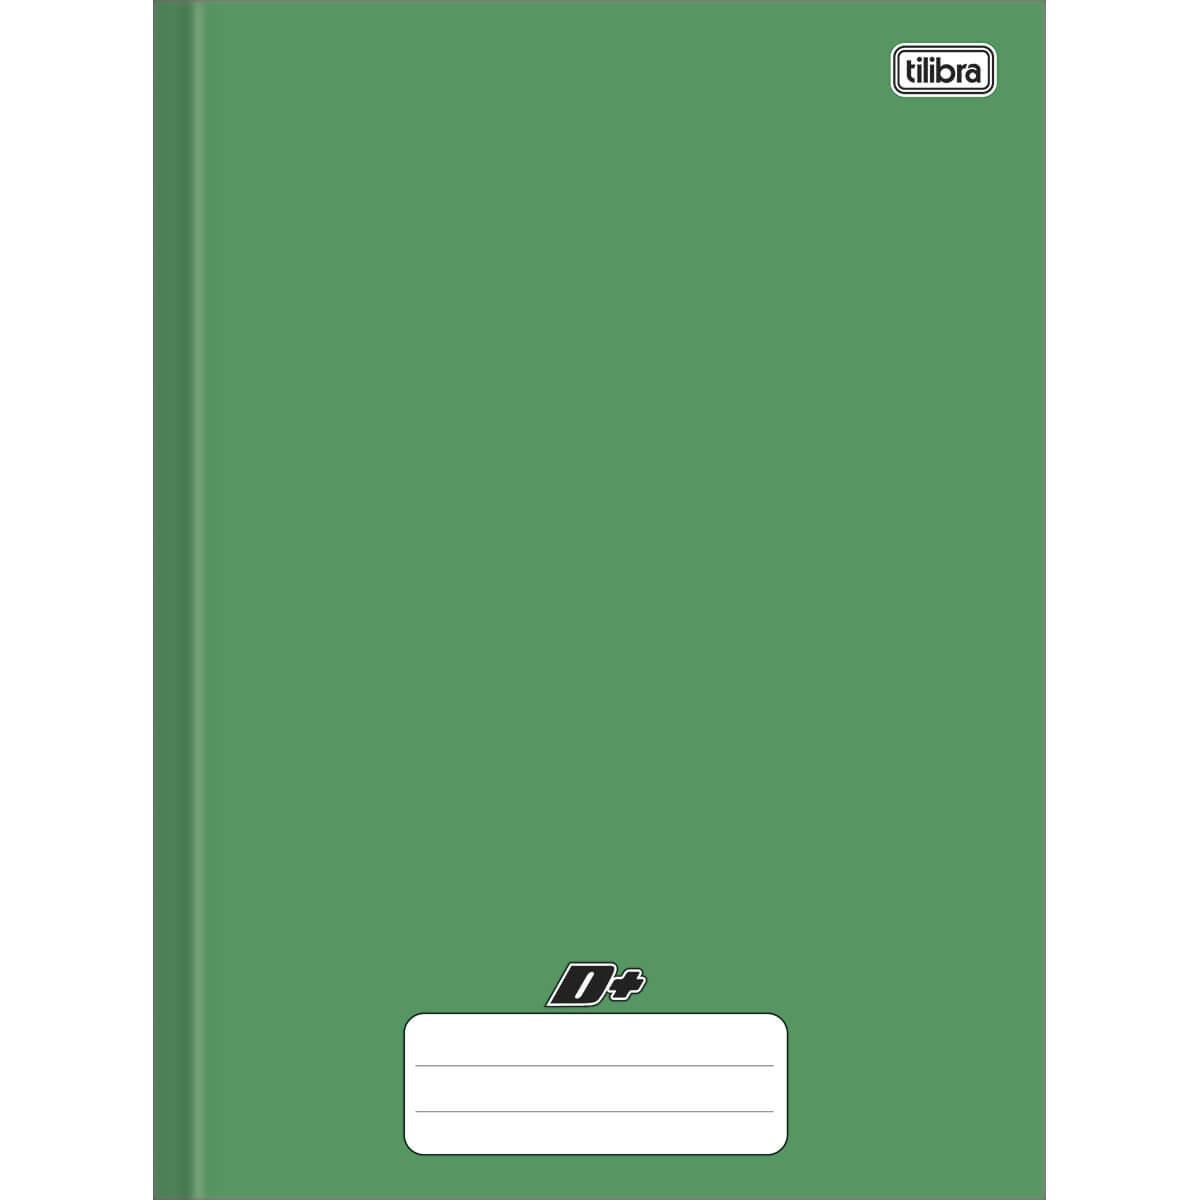 Caderno brochura 48 fls verde D+ Tilibra